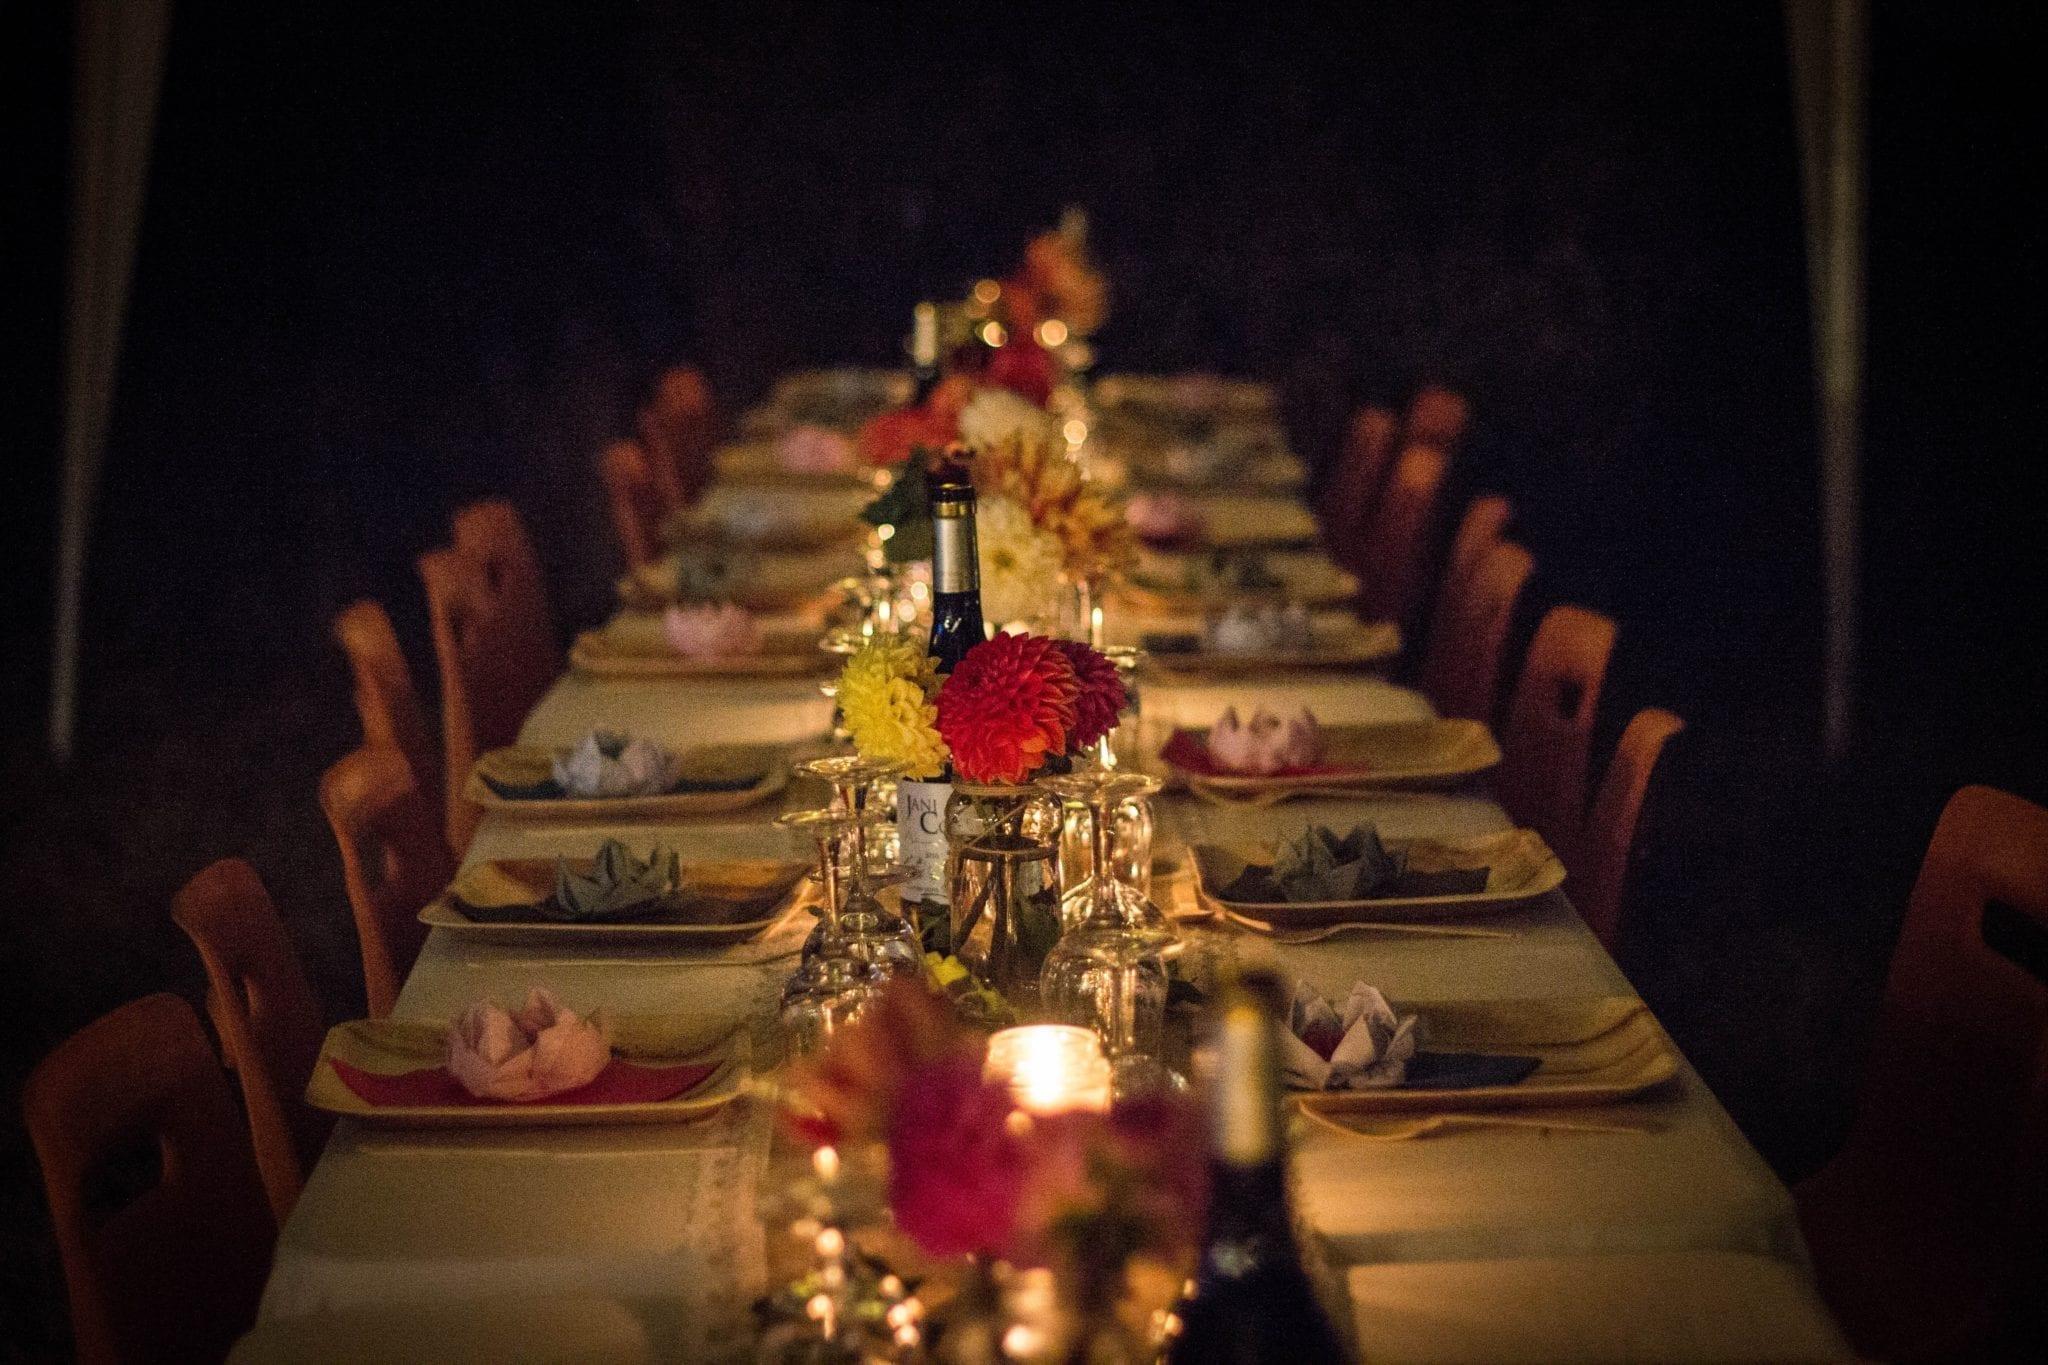 comment organiser un évènement lié à la nourriture et aux boissons : Arranger le plan de table par ordre alphabétique.